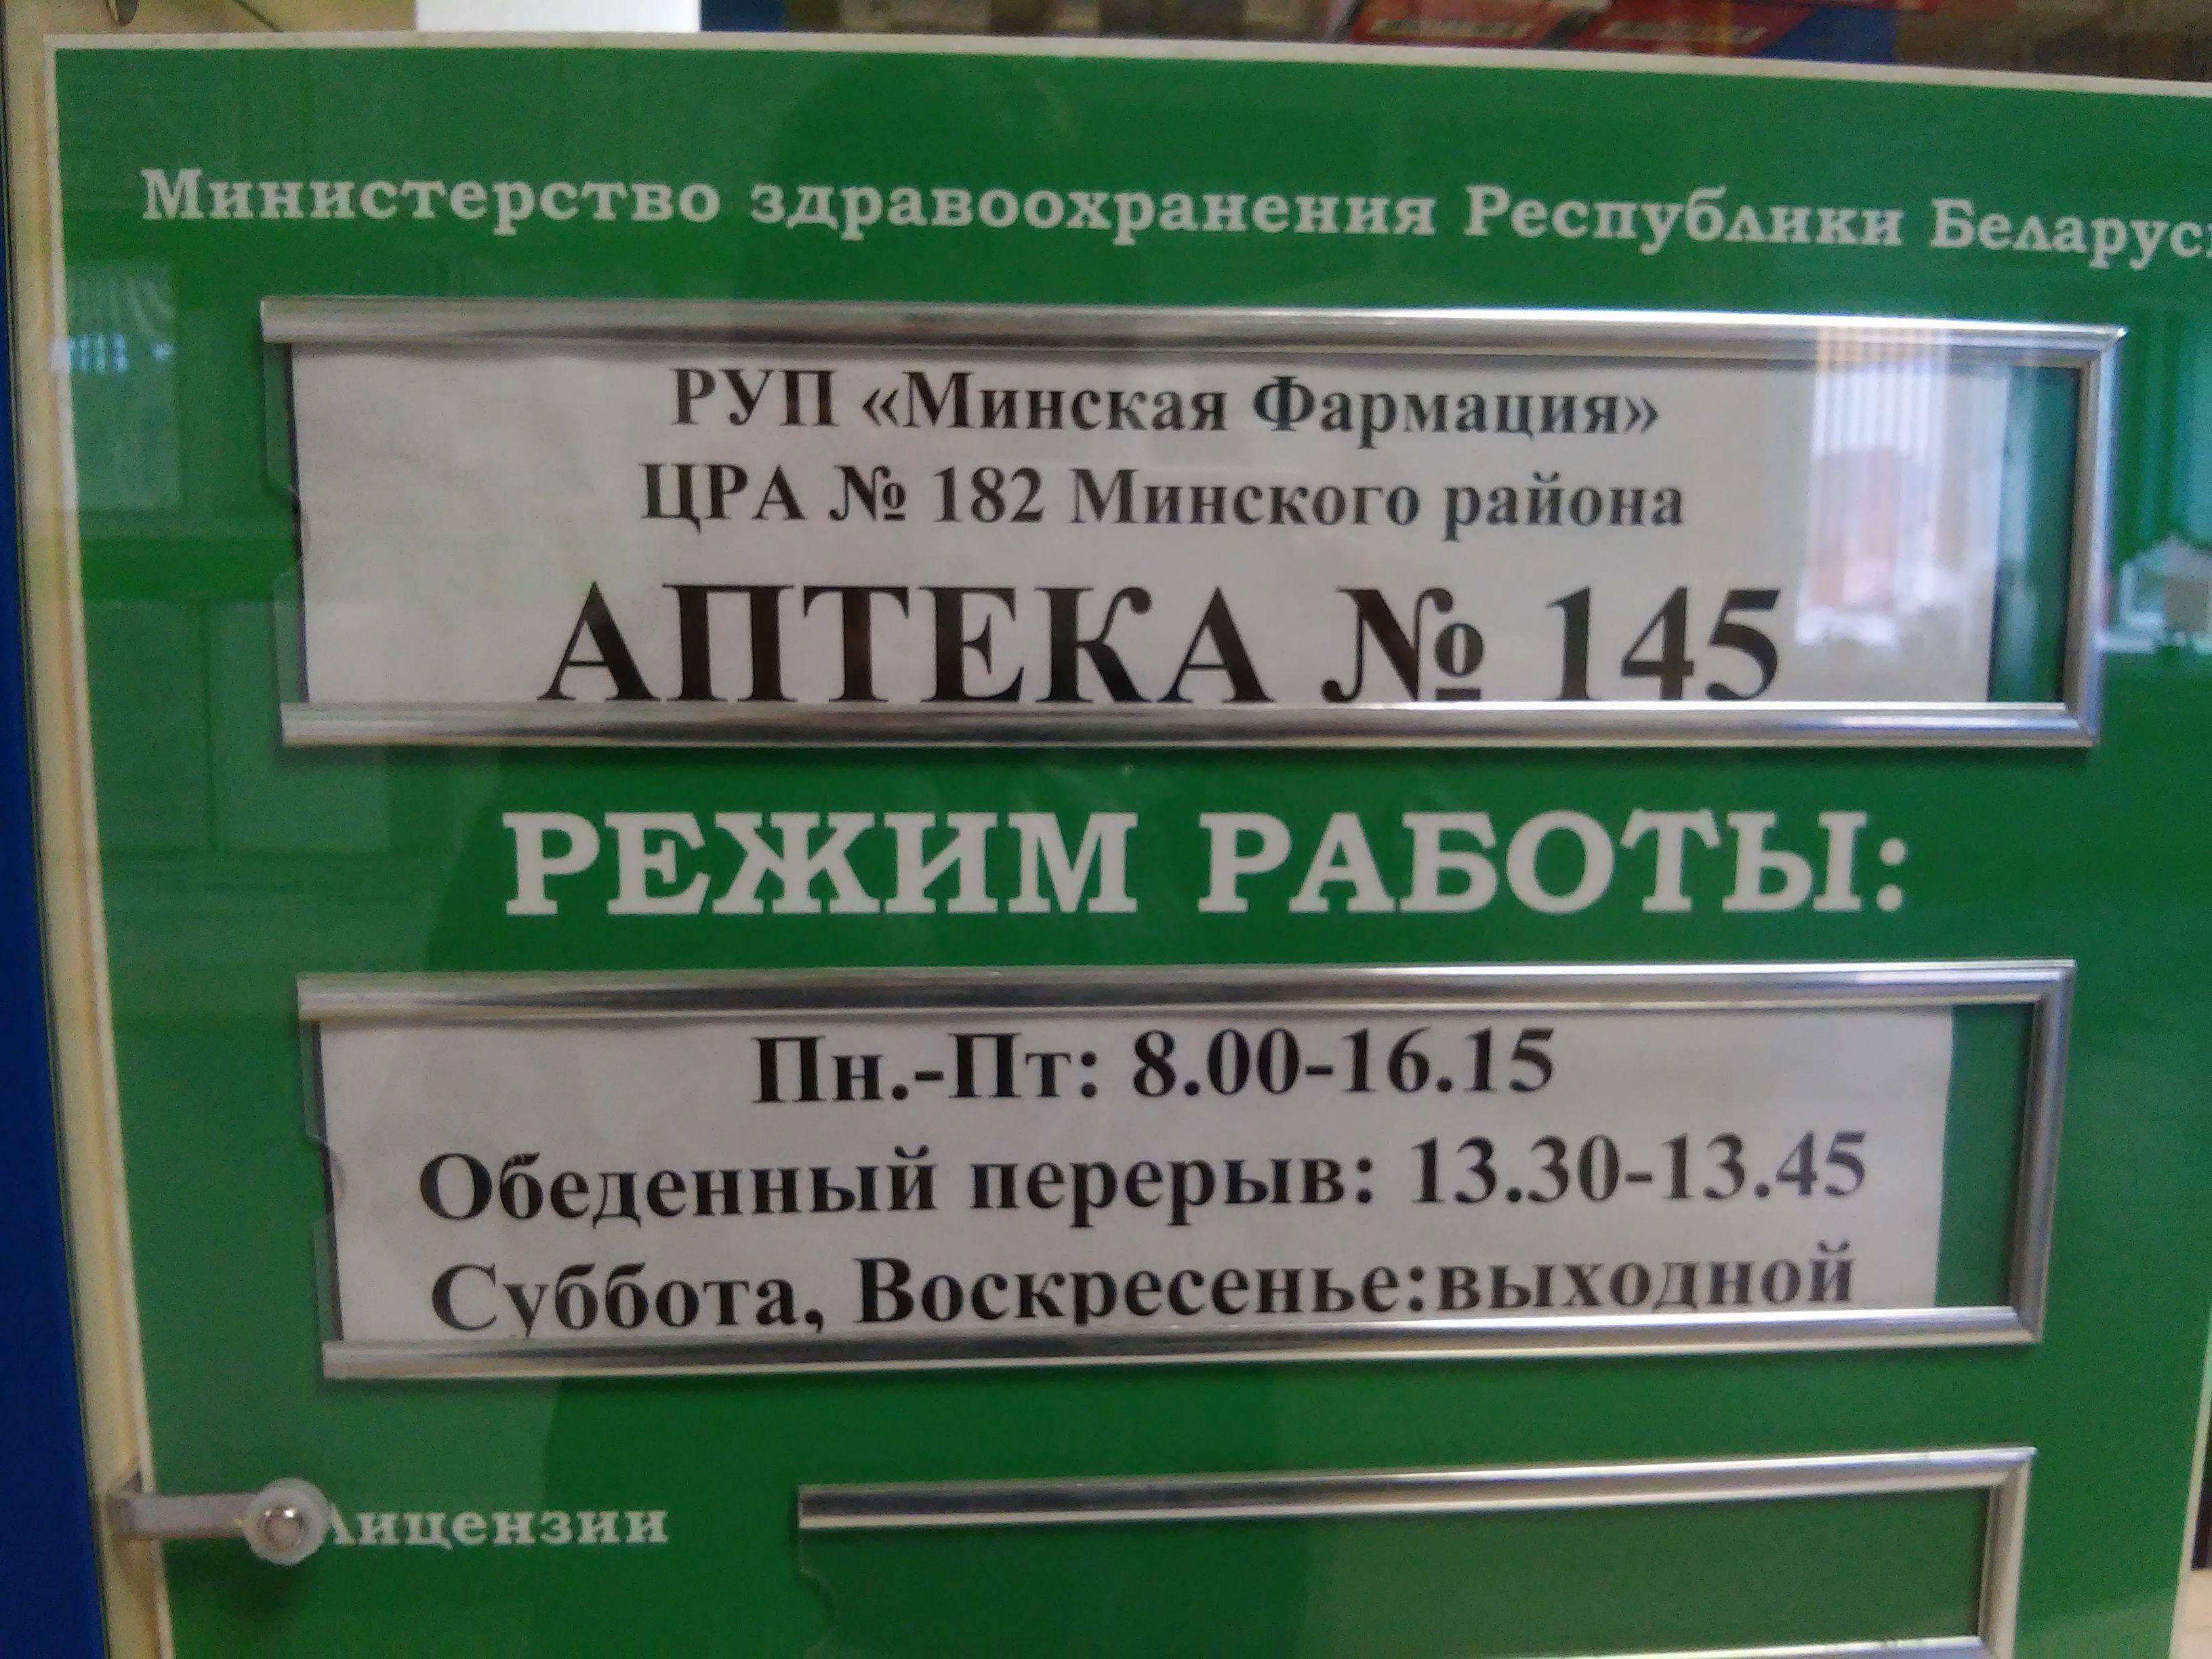 Поликлиника 2 вологда прием по участкам